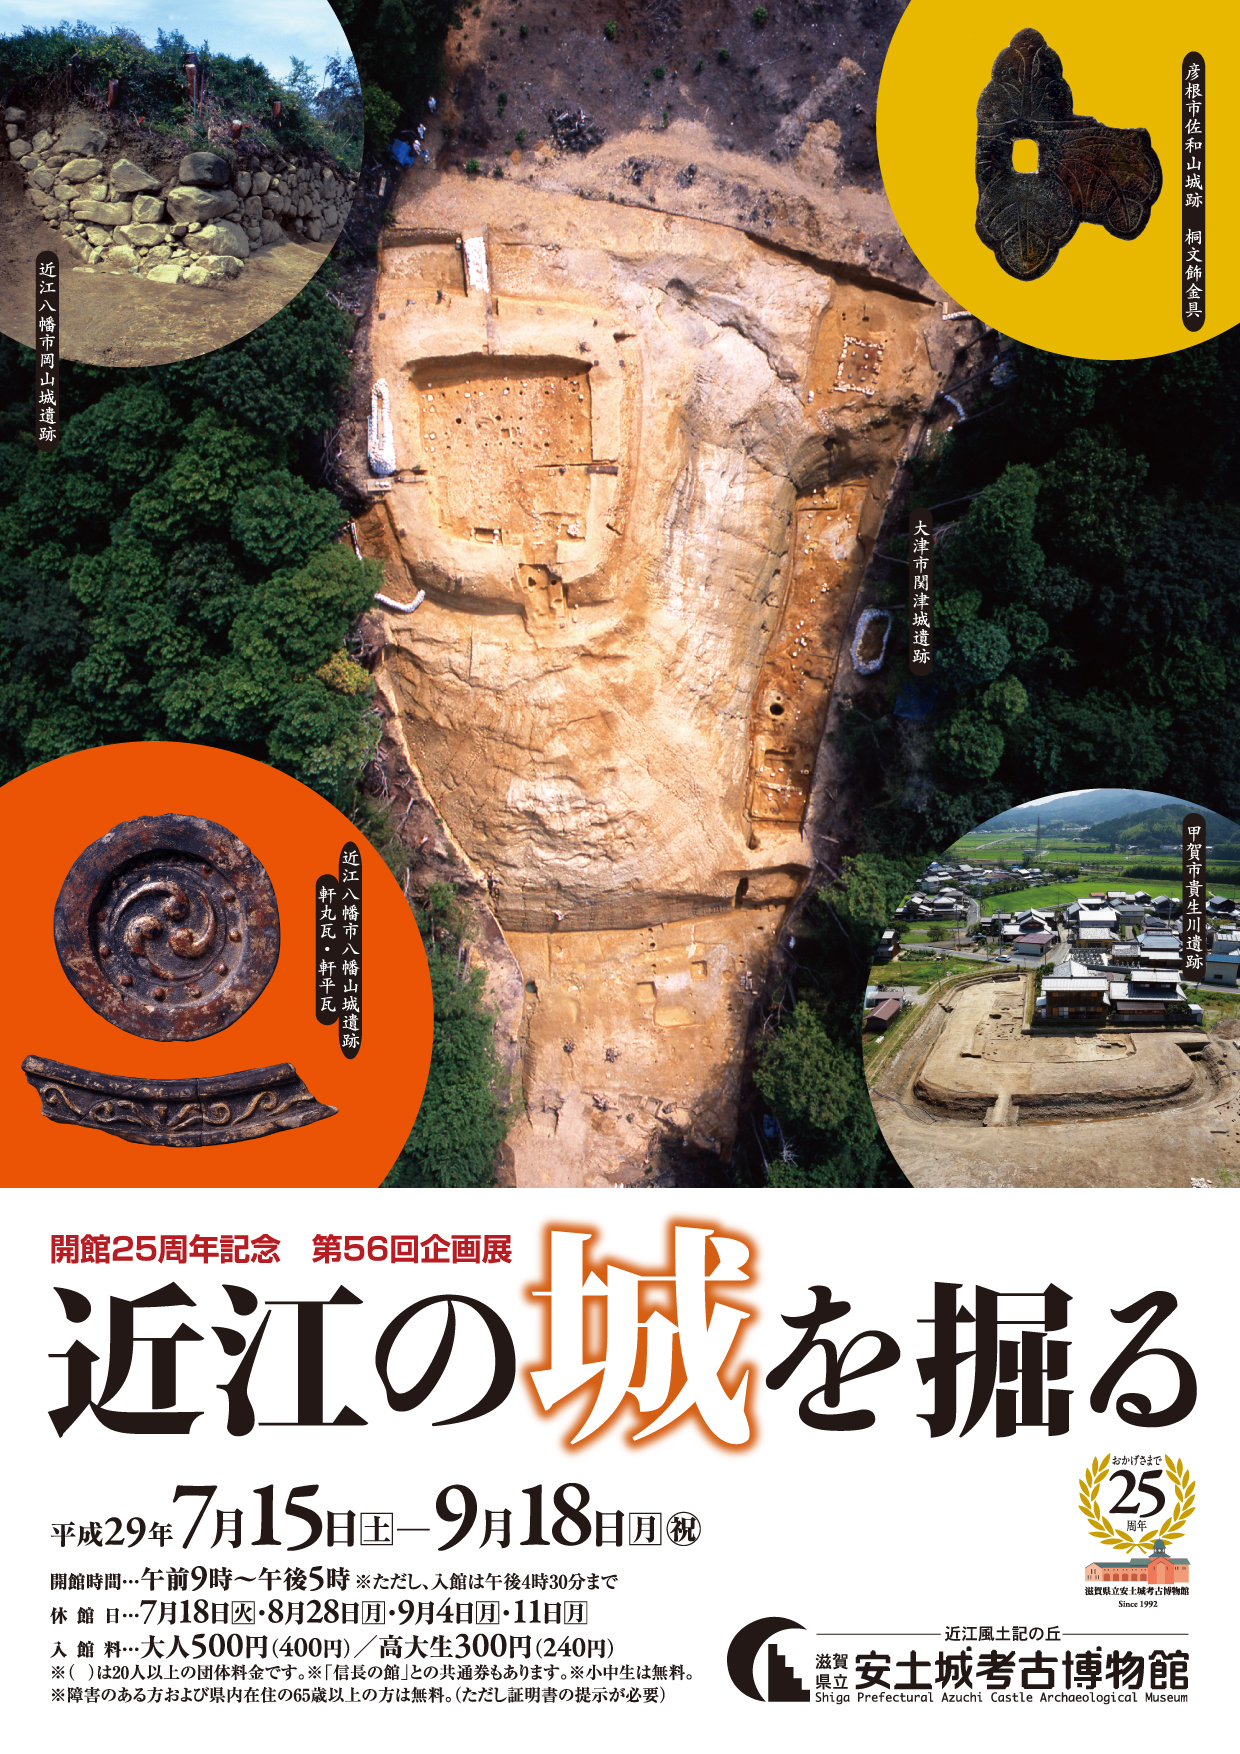 開館25周年記念 第56回企画展「近江の城を掘る」